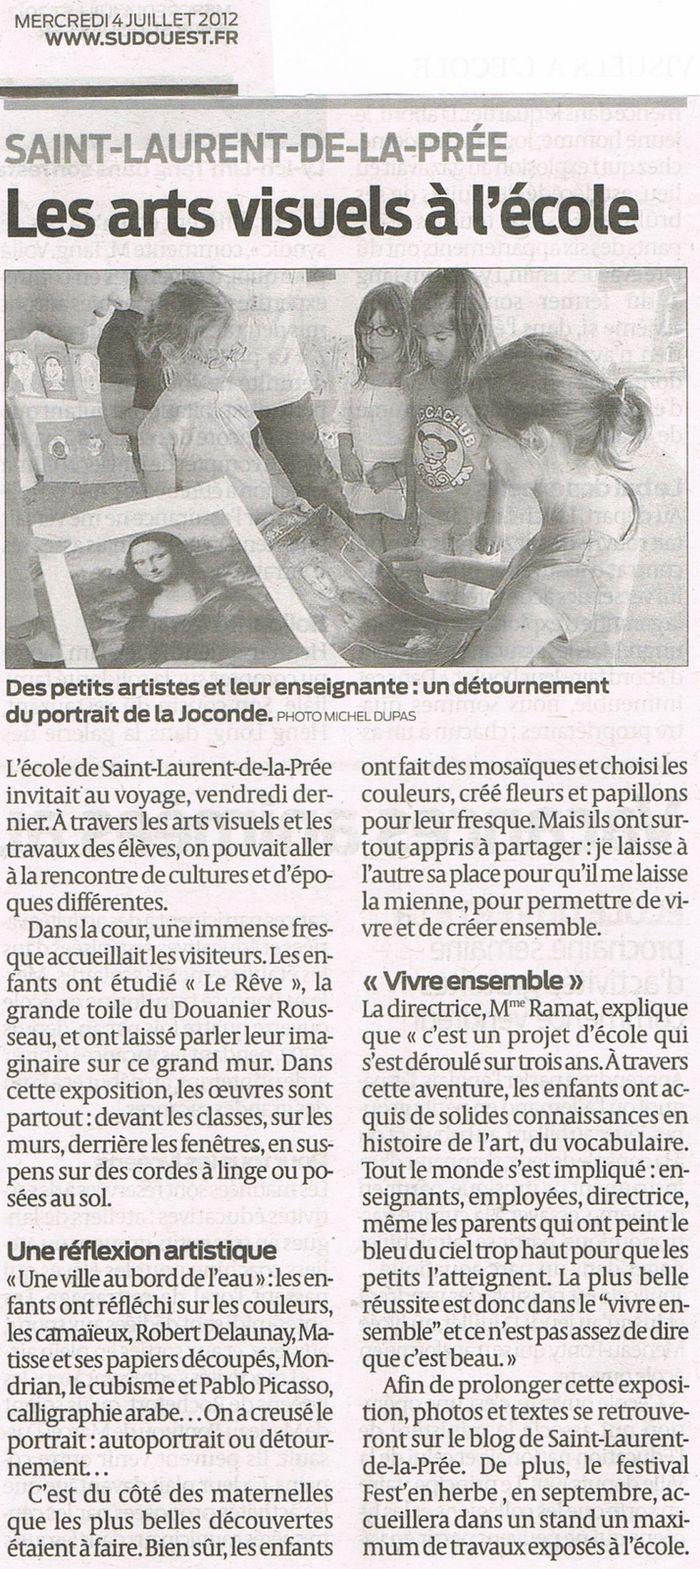 artSO-du-4712-les-arts-visuels-a-l-ecole.jpg.jpg